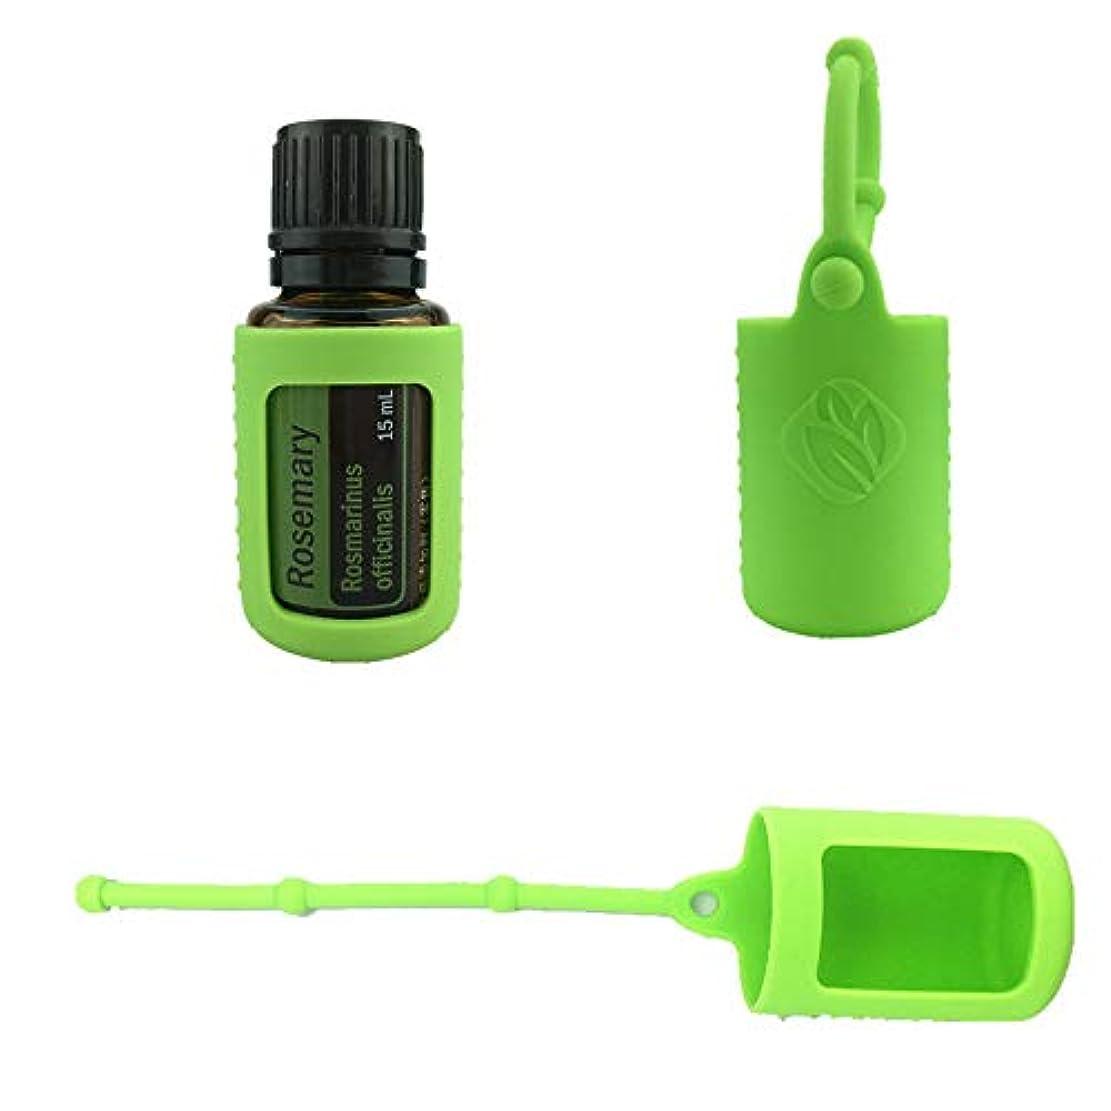 医薬品時間暴力6パック熱望オイルボトルシリコンローラーボトルホルダースリーブエッセンシャルオイルボトル保護カバーケースハングロープ - グリーン - 6-pcs 10ml